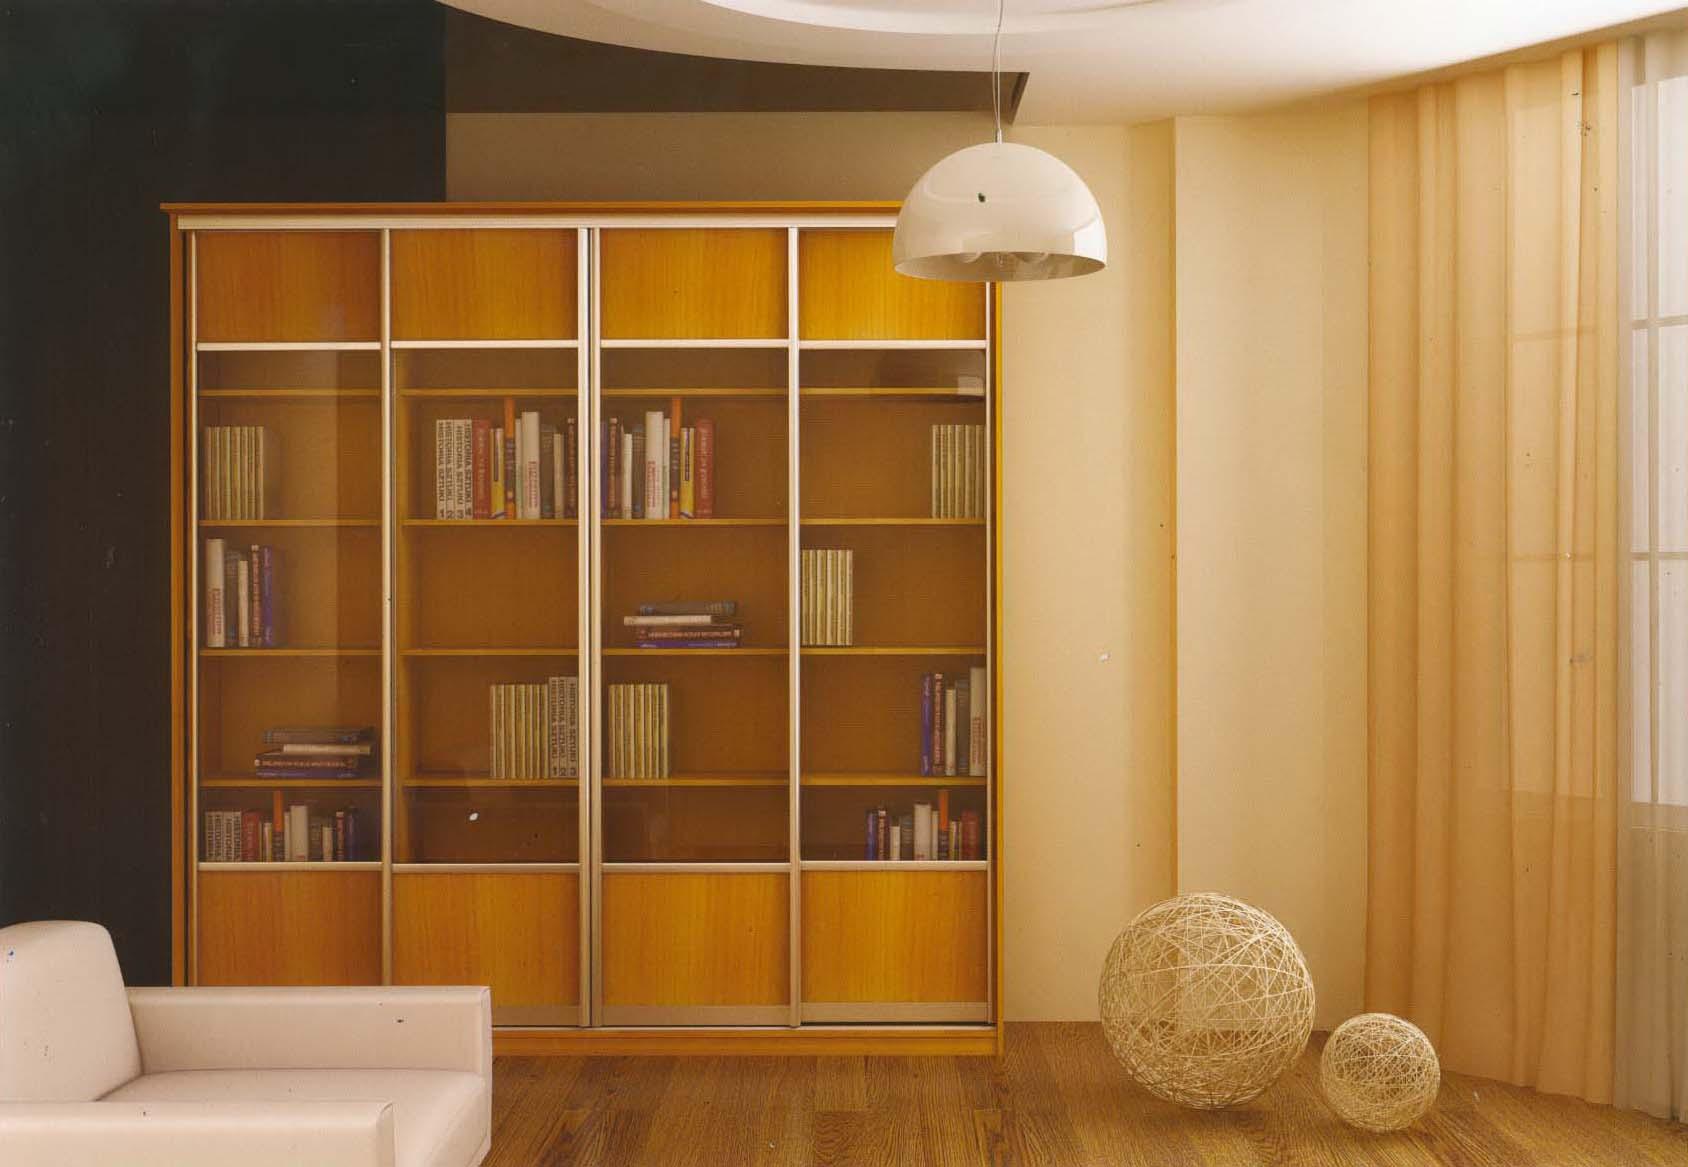 Галерея библиотек и стеллажей.